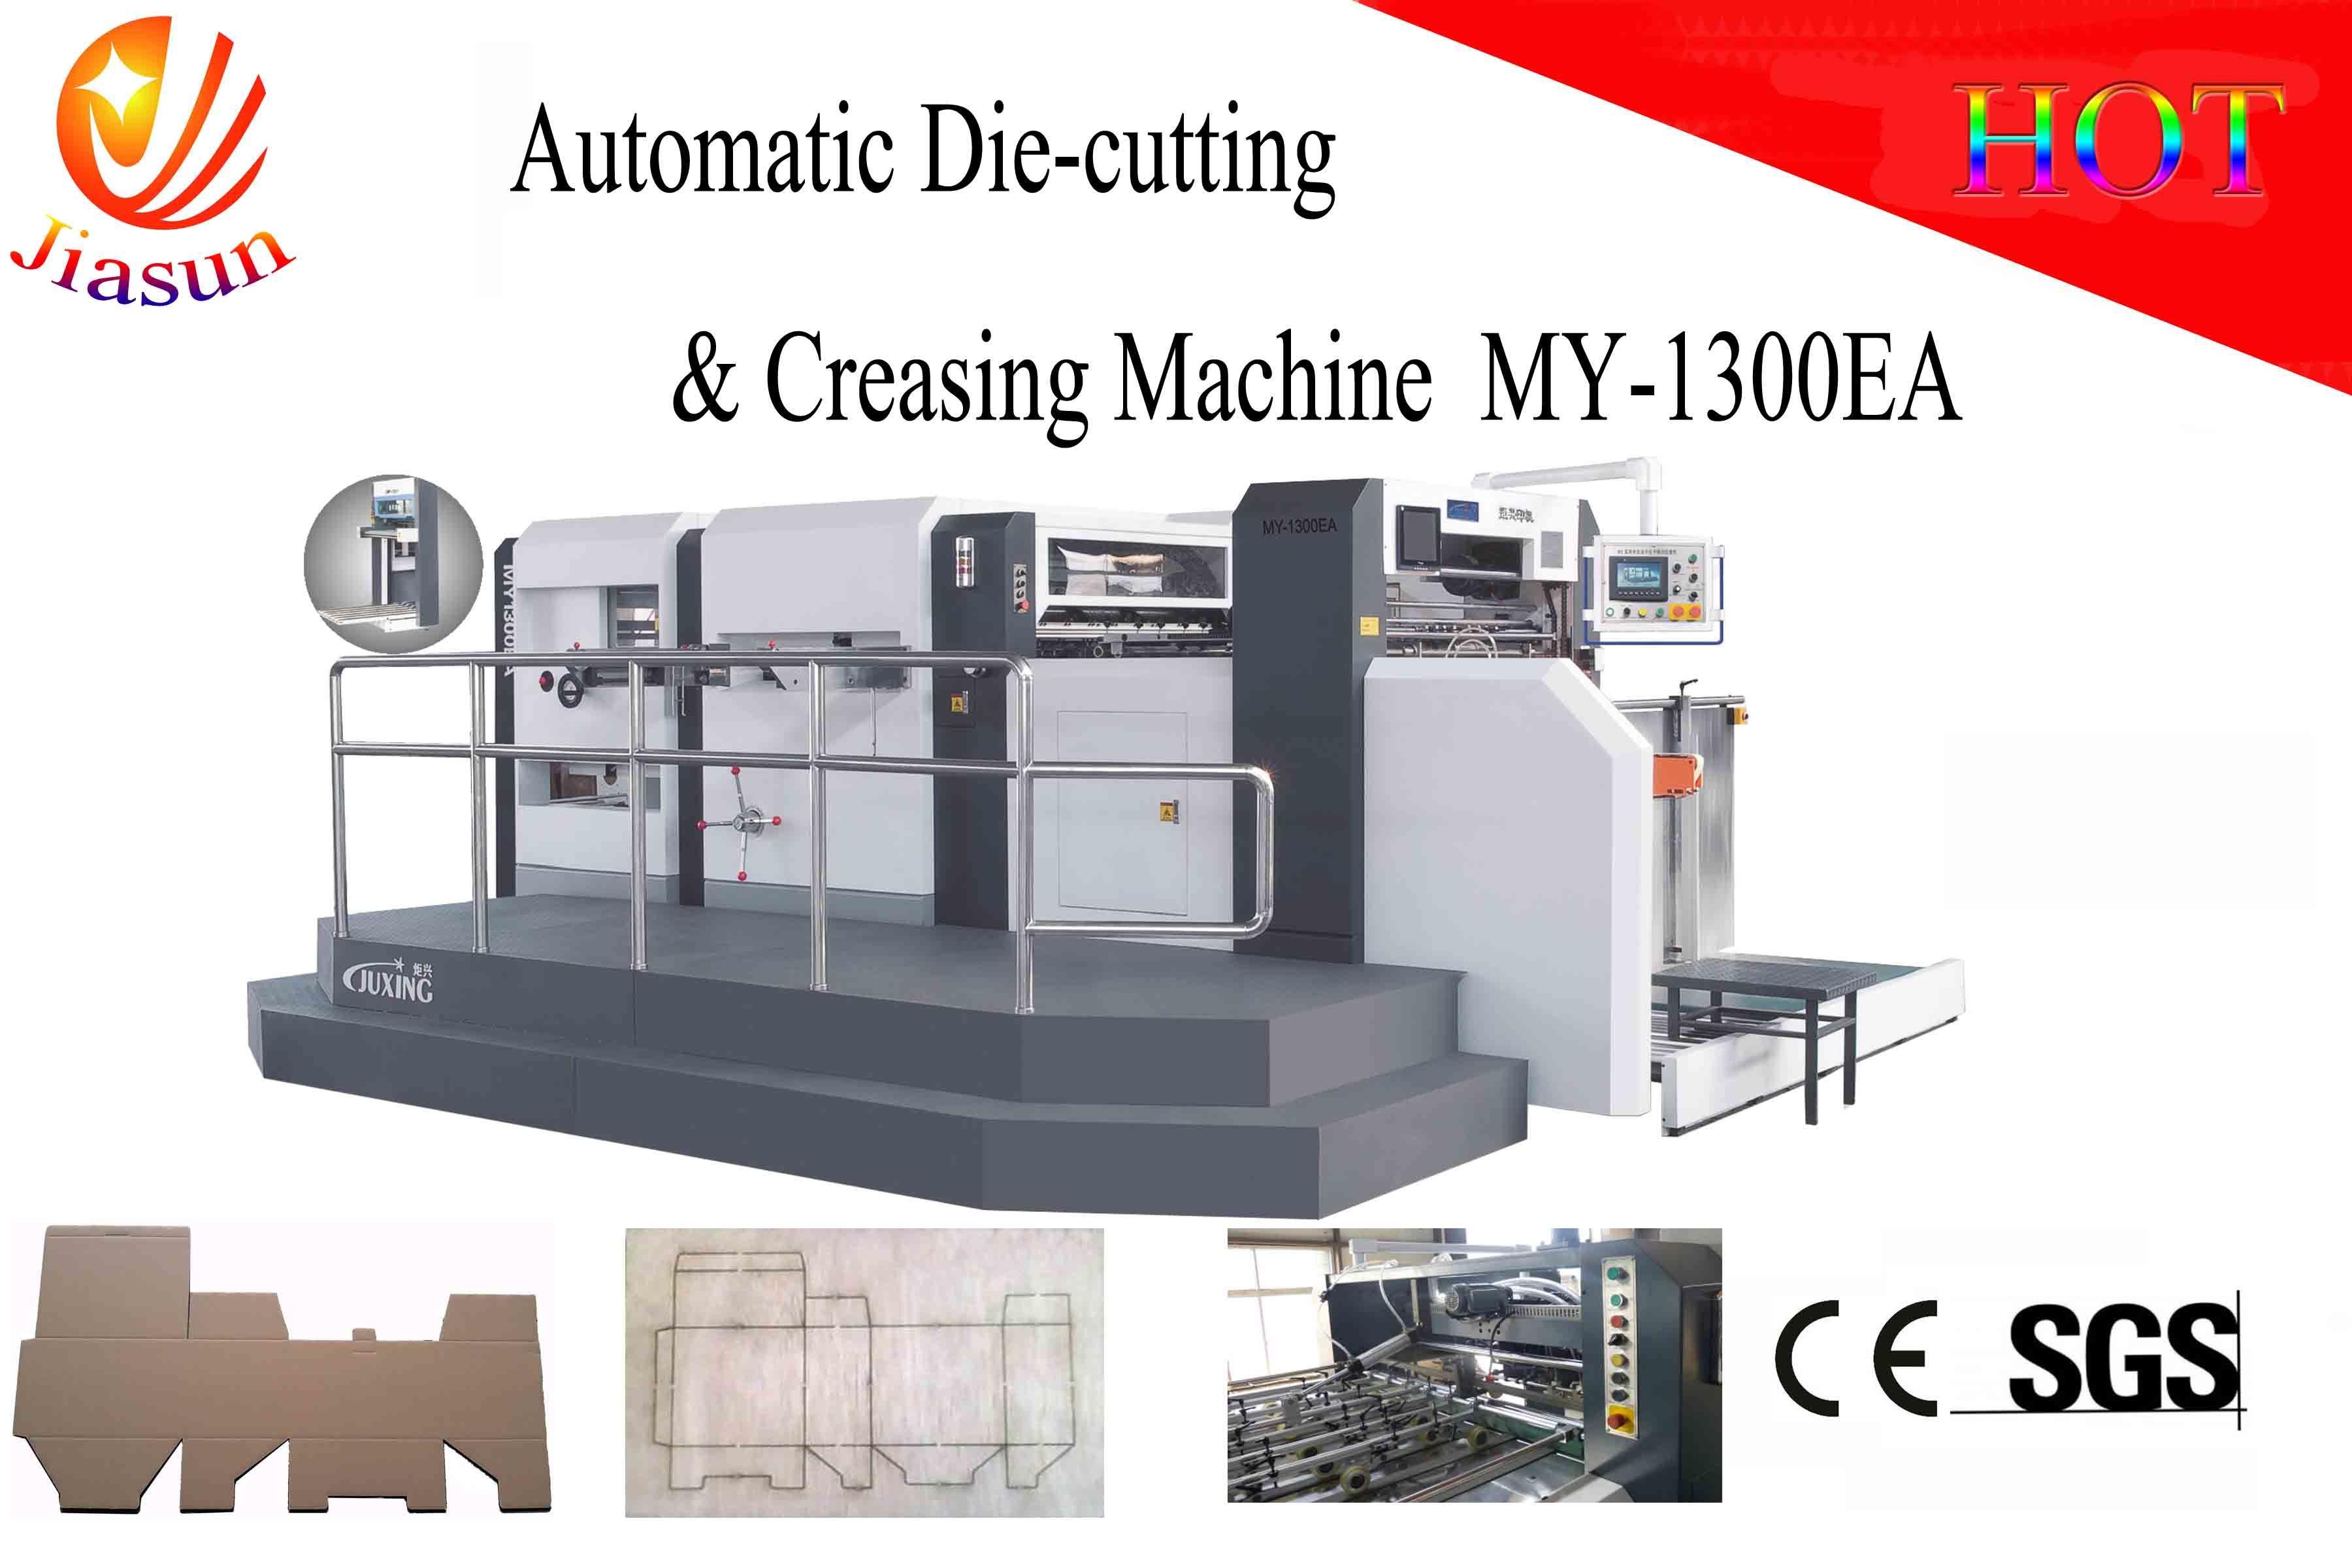 Full Automatic Die Cutting Machine and Creasing Machine Die Cutter for Currugated Cardboard